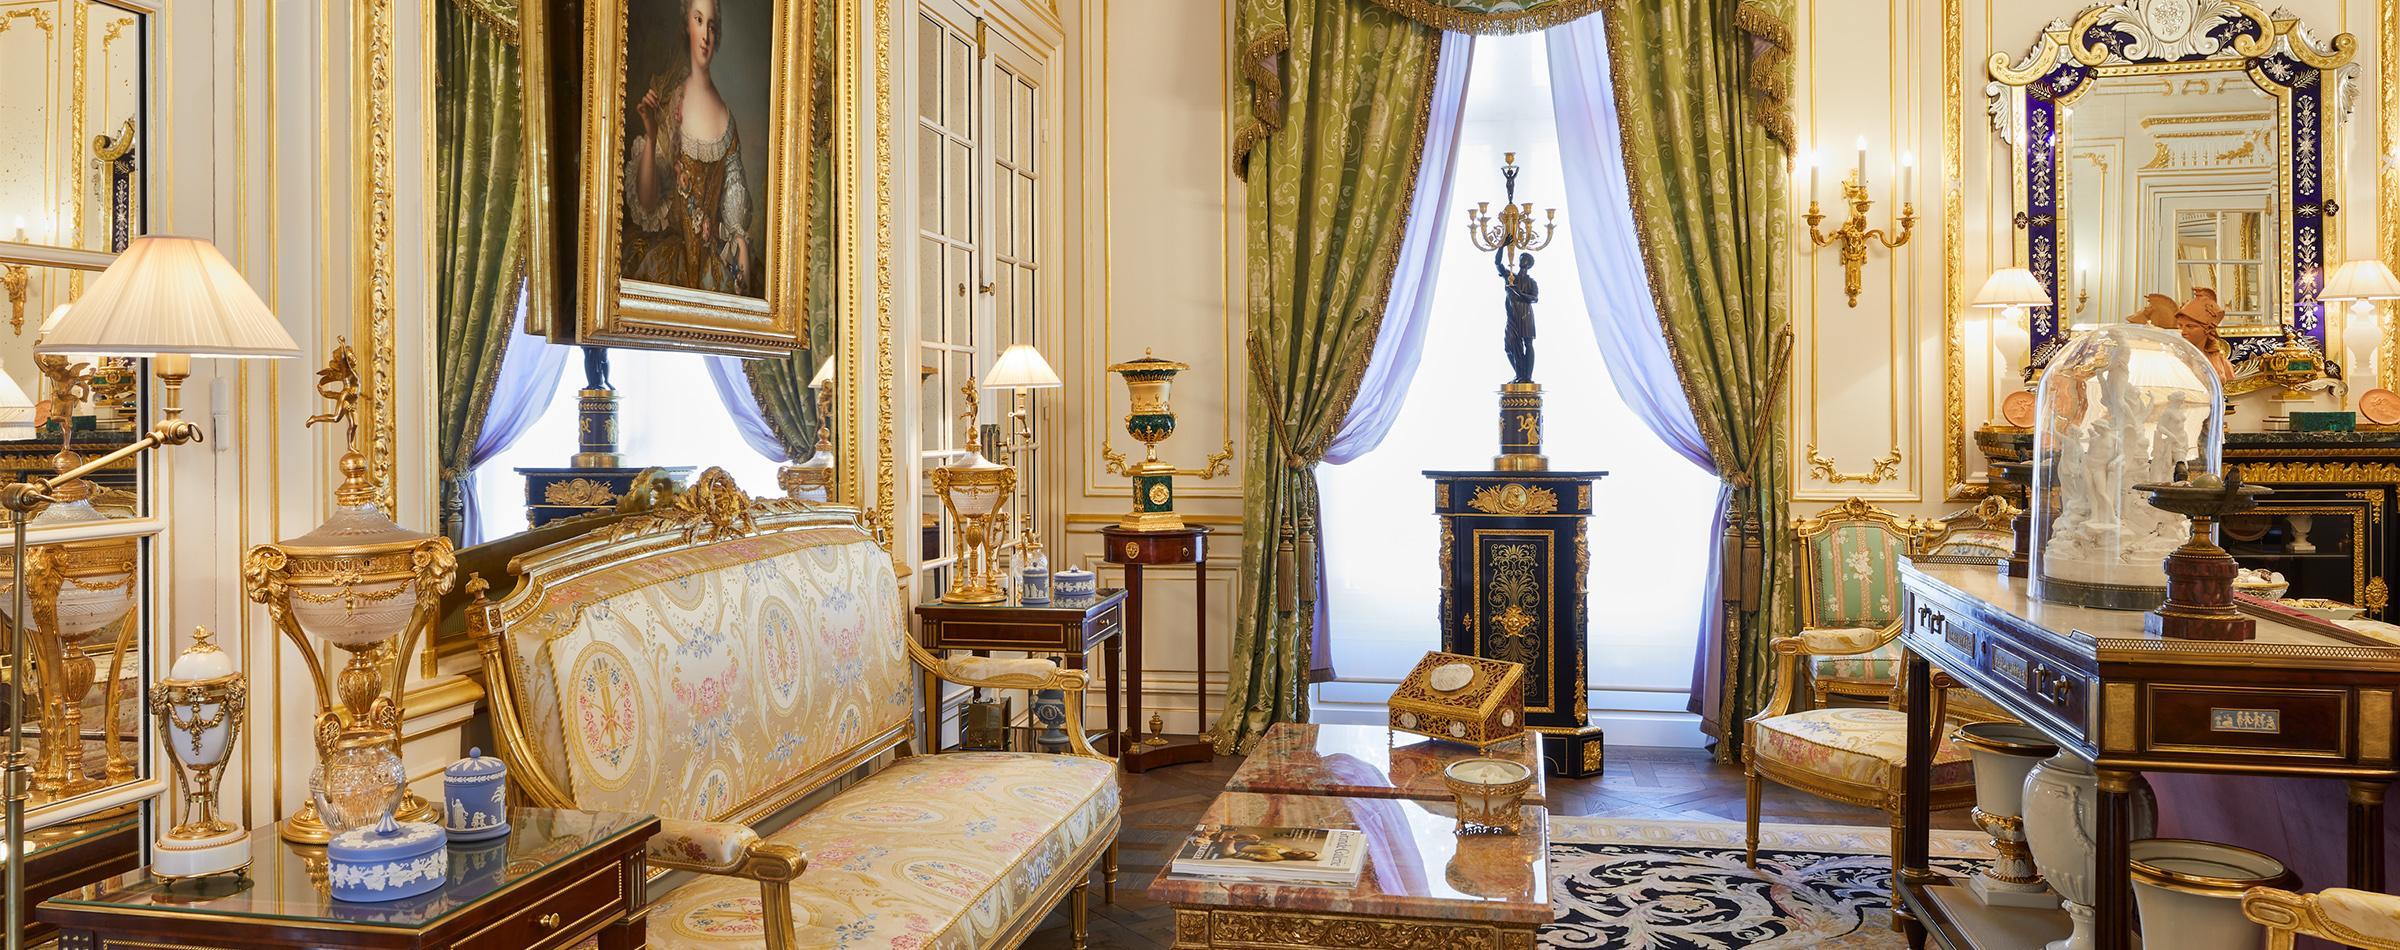 Olivier Berni Intérieurs agence décoration Paris architecture intérieure François 1er France 2